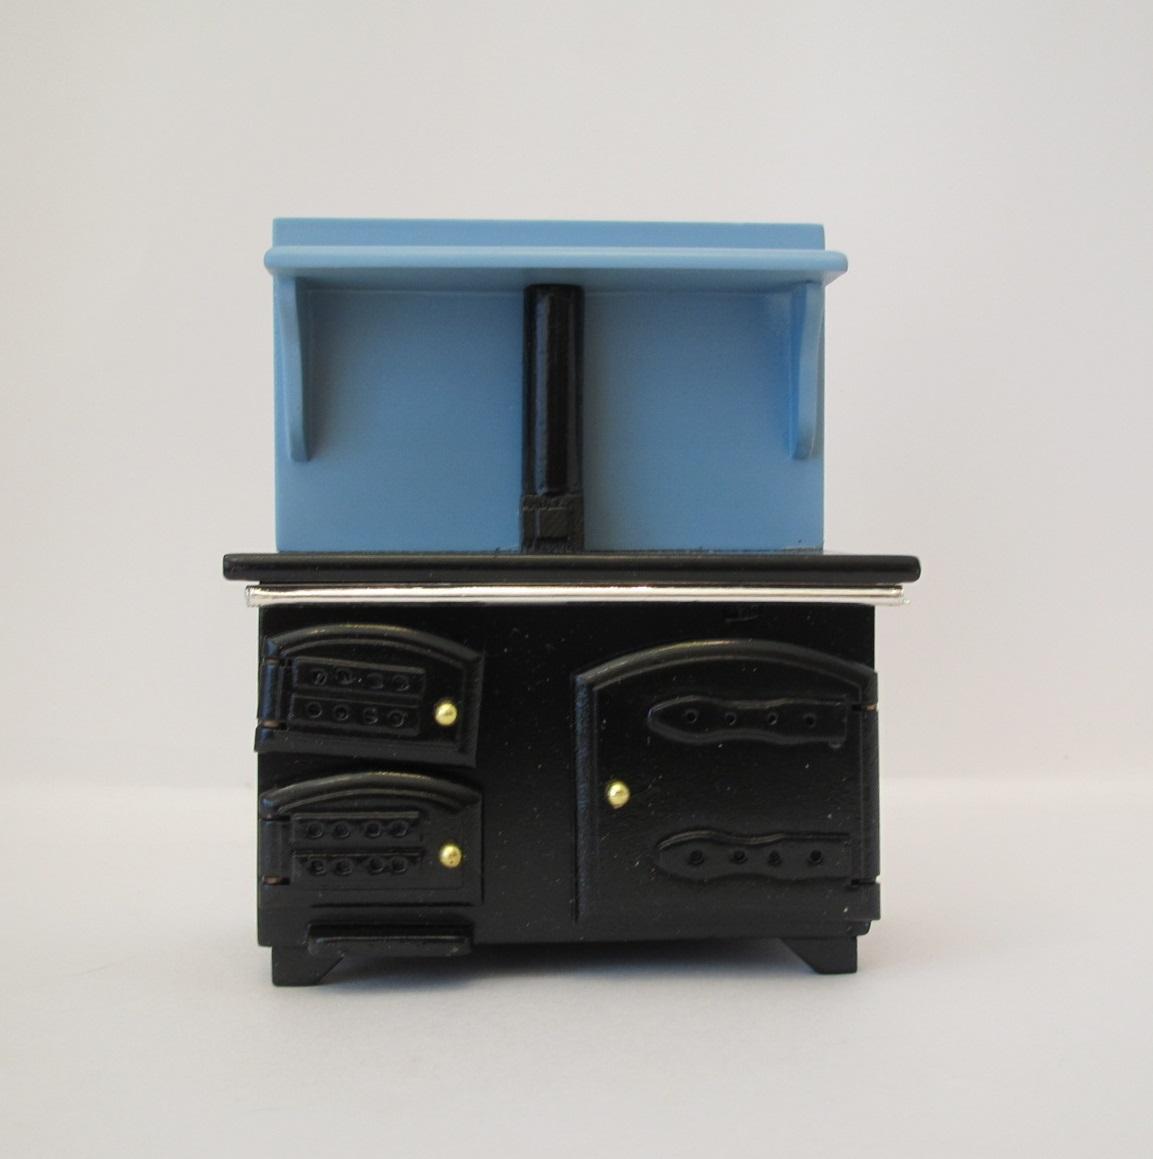 画像1: キッチンストーブ・ブルー&ブラック(処分品)